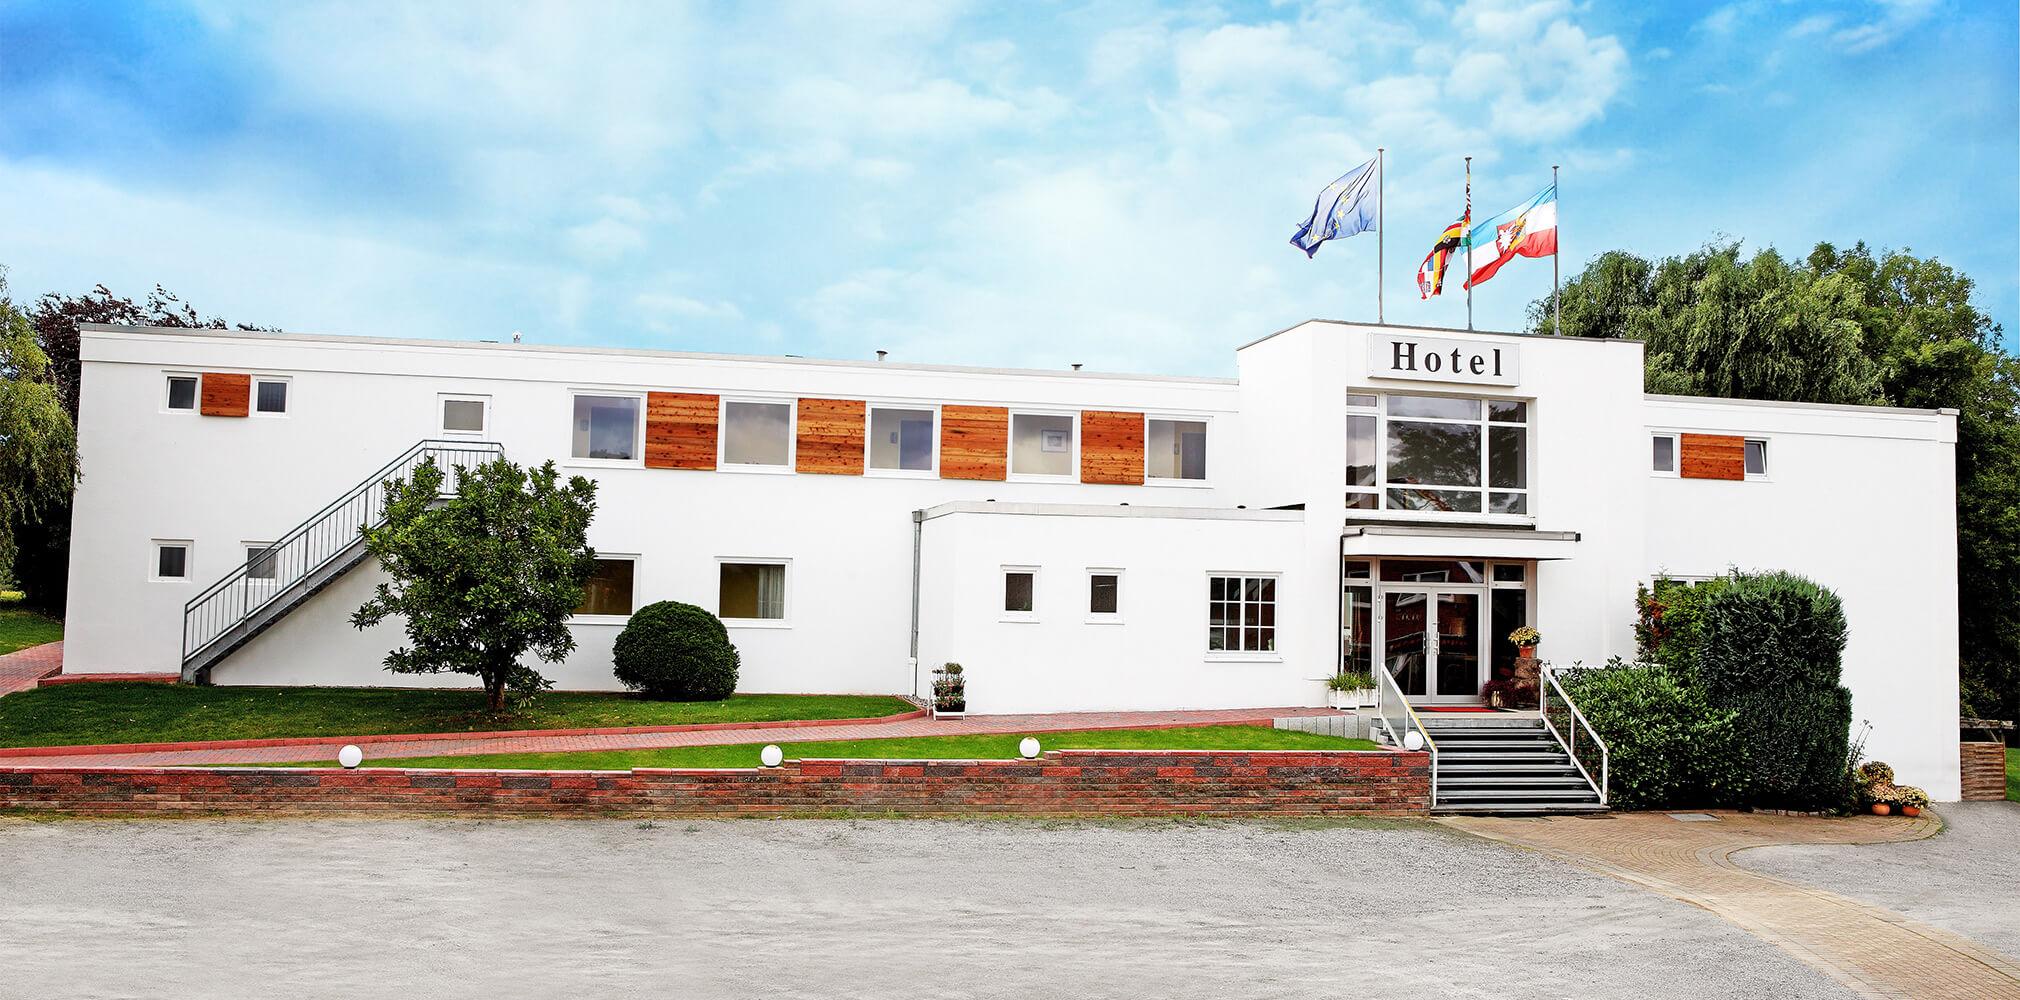 Hotel-Slider-Hamberge-Aussenansicht